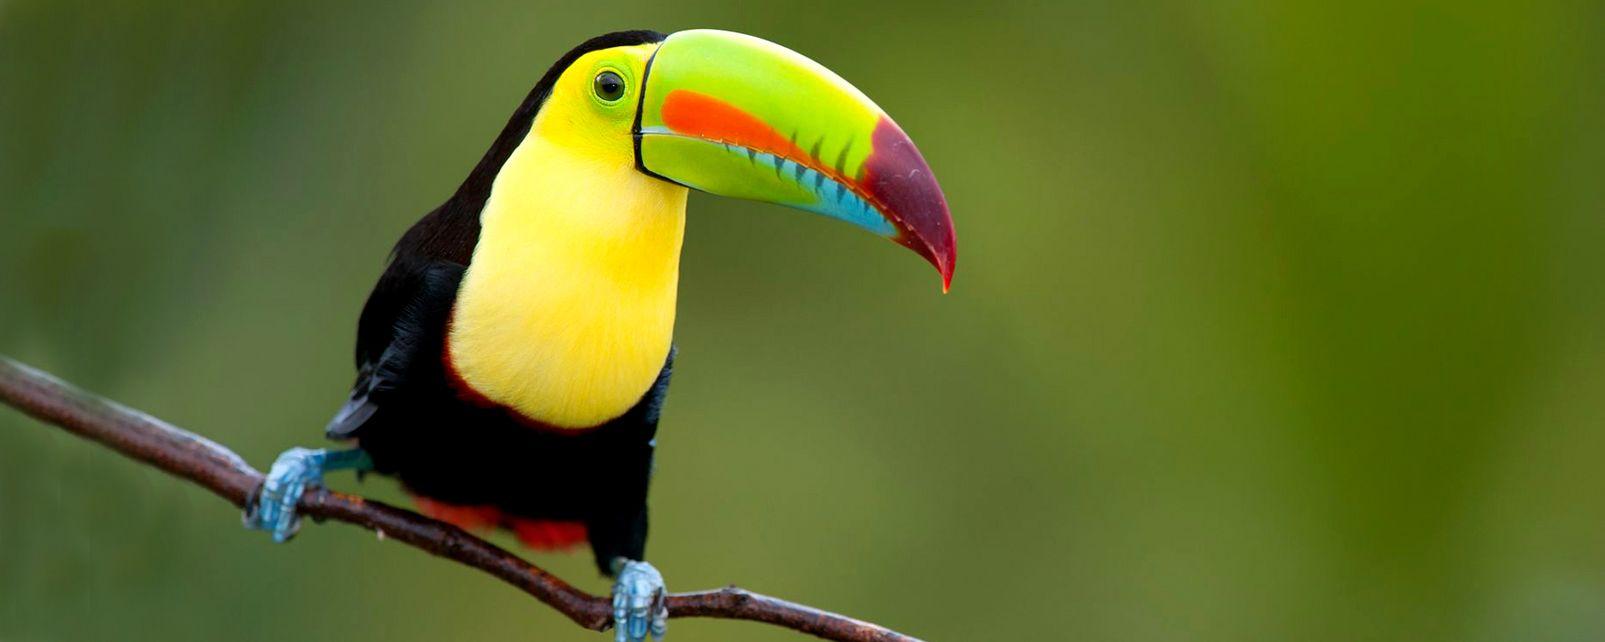 La faune et la flore, oiseau, toucan, faune, animal, mexique, amérique du nord, amérique